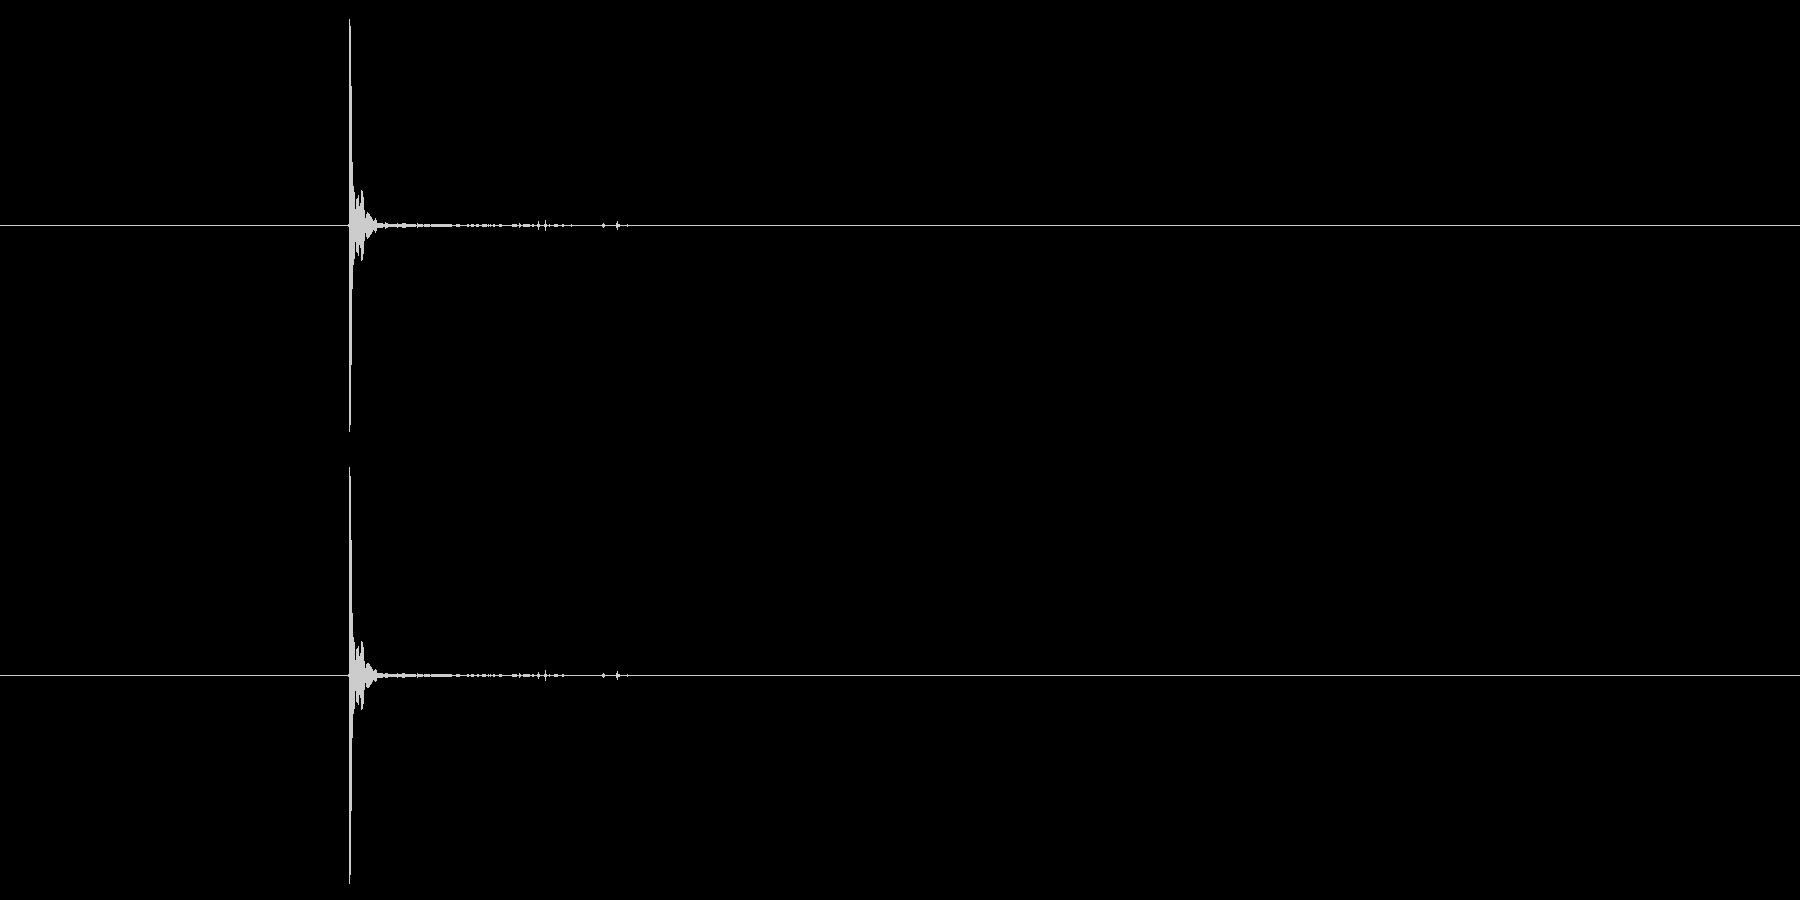 スレッジハンマーでブリックヒットの未再生の波形